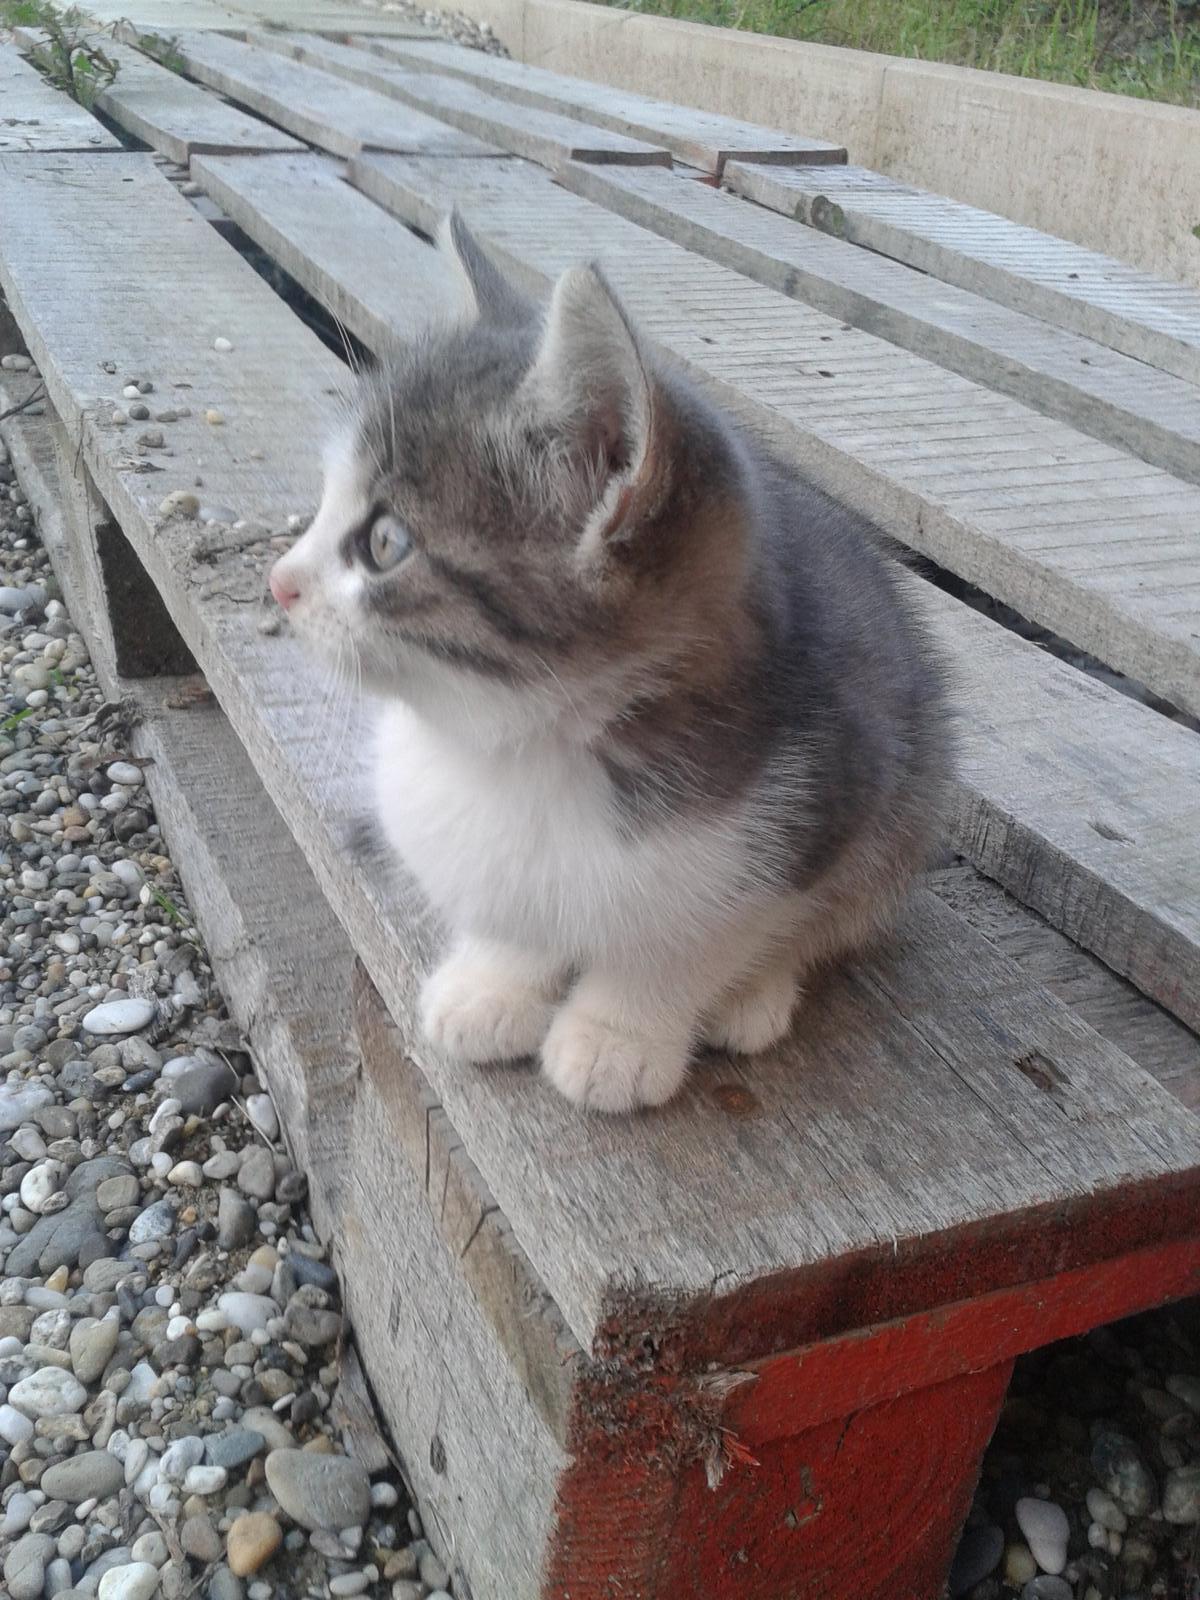 """SOS. Potrebovali by sme súrne niekomu """"posunúť"""" Tigrinku. Zostala ako jediná zo štyroch mačiatok. Mama ich prednedávnom odsťahovala. Nevedeli sme prečo. Zmizla teda mama Mila so 4 mačiatkami. Mila občas prišla. Raz ju manželka vymákla a kukla kam odsťahovala malé. Neskôr zmizla aj Mila aj všetky mačiatka. Predvčerom sa dve mačiatka objavili. Tak sme o ne postarali. Mali 1 a pol mesiaca. Dnes k nám zavítal obrovský bulteriér a jedno mačiatko roztrhal. Tigrinka je teda asi jediná čo prežila. Nemáme odvahu ju tu teraz nechať. - Obrázok č. 2"""